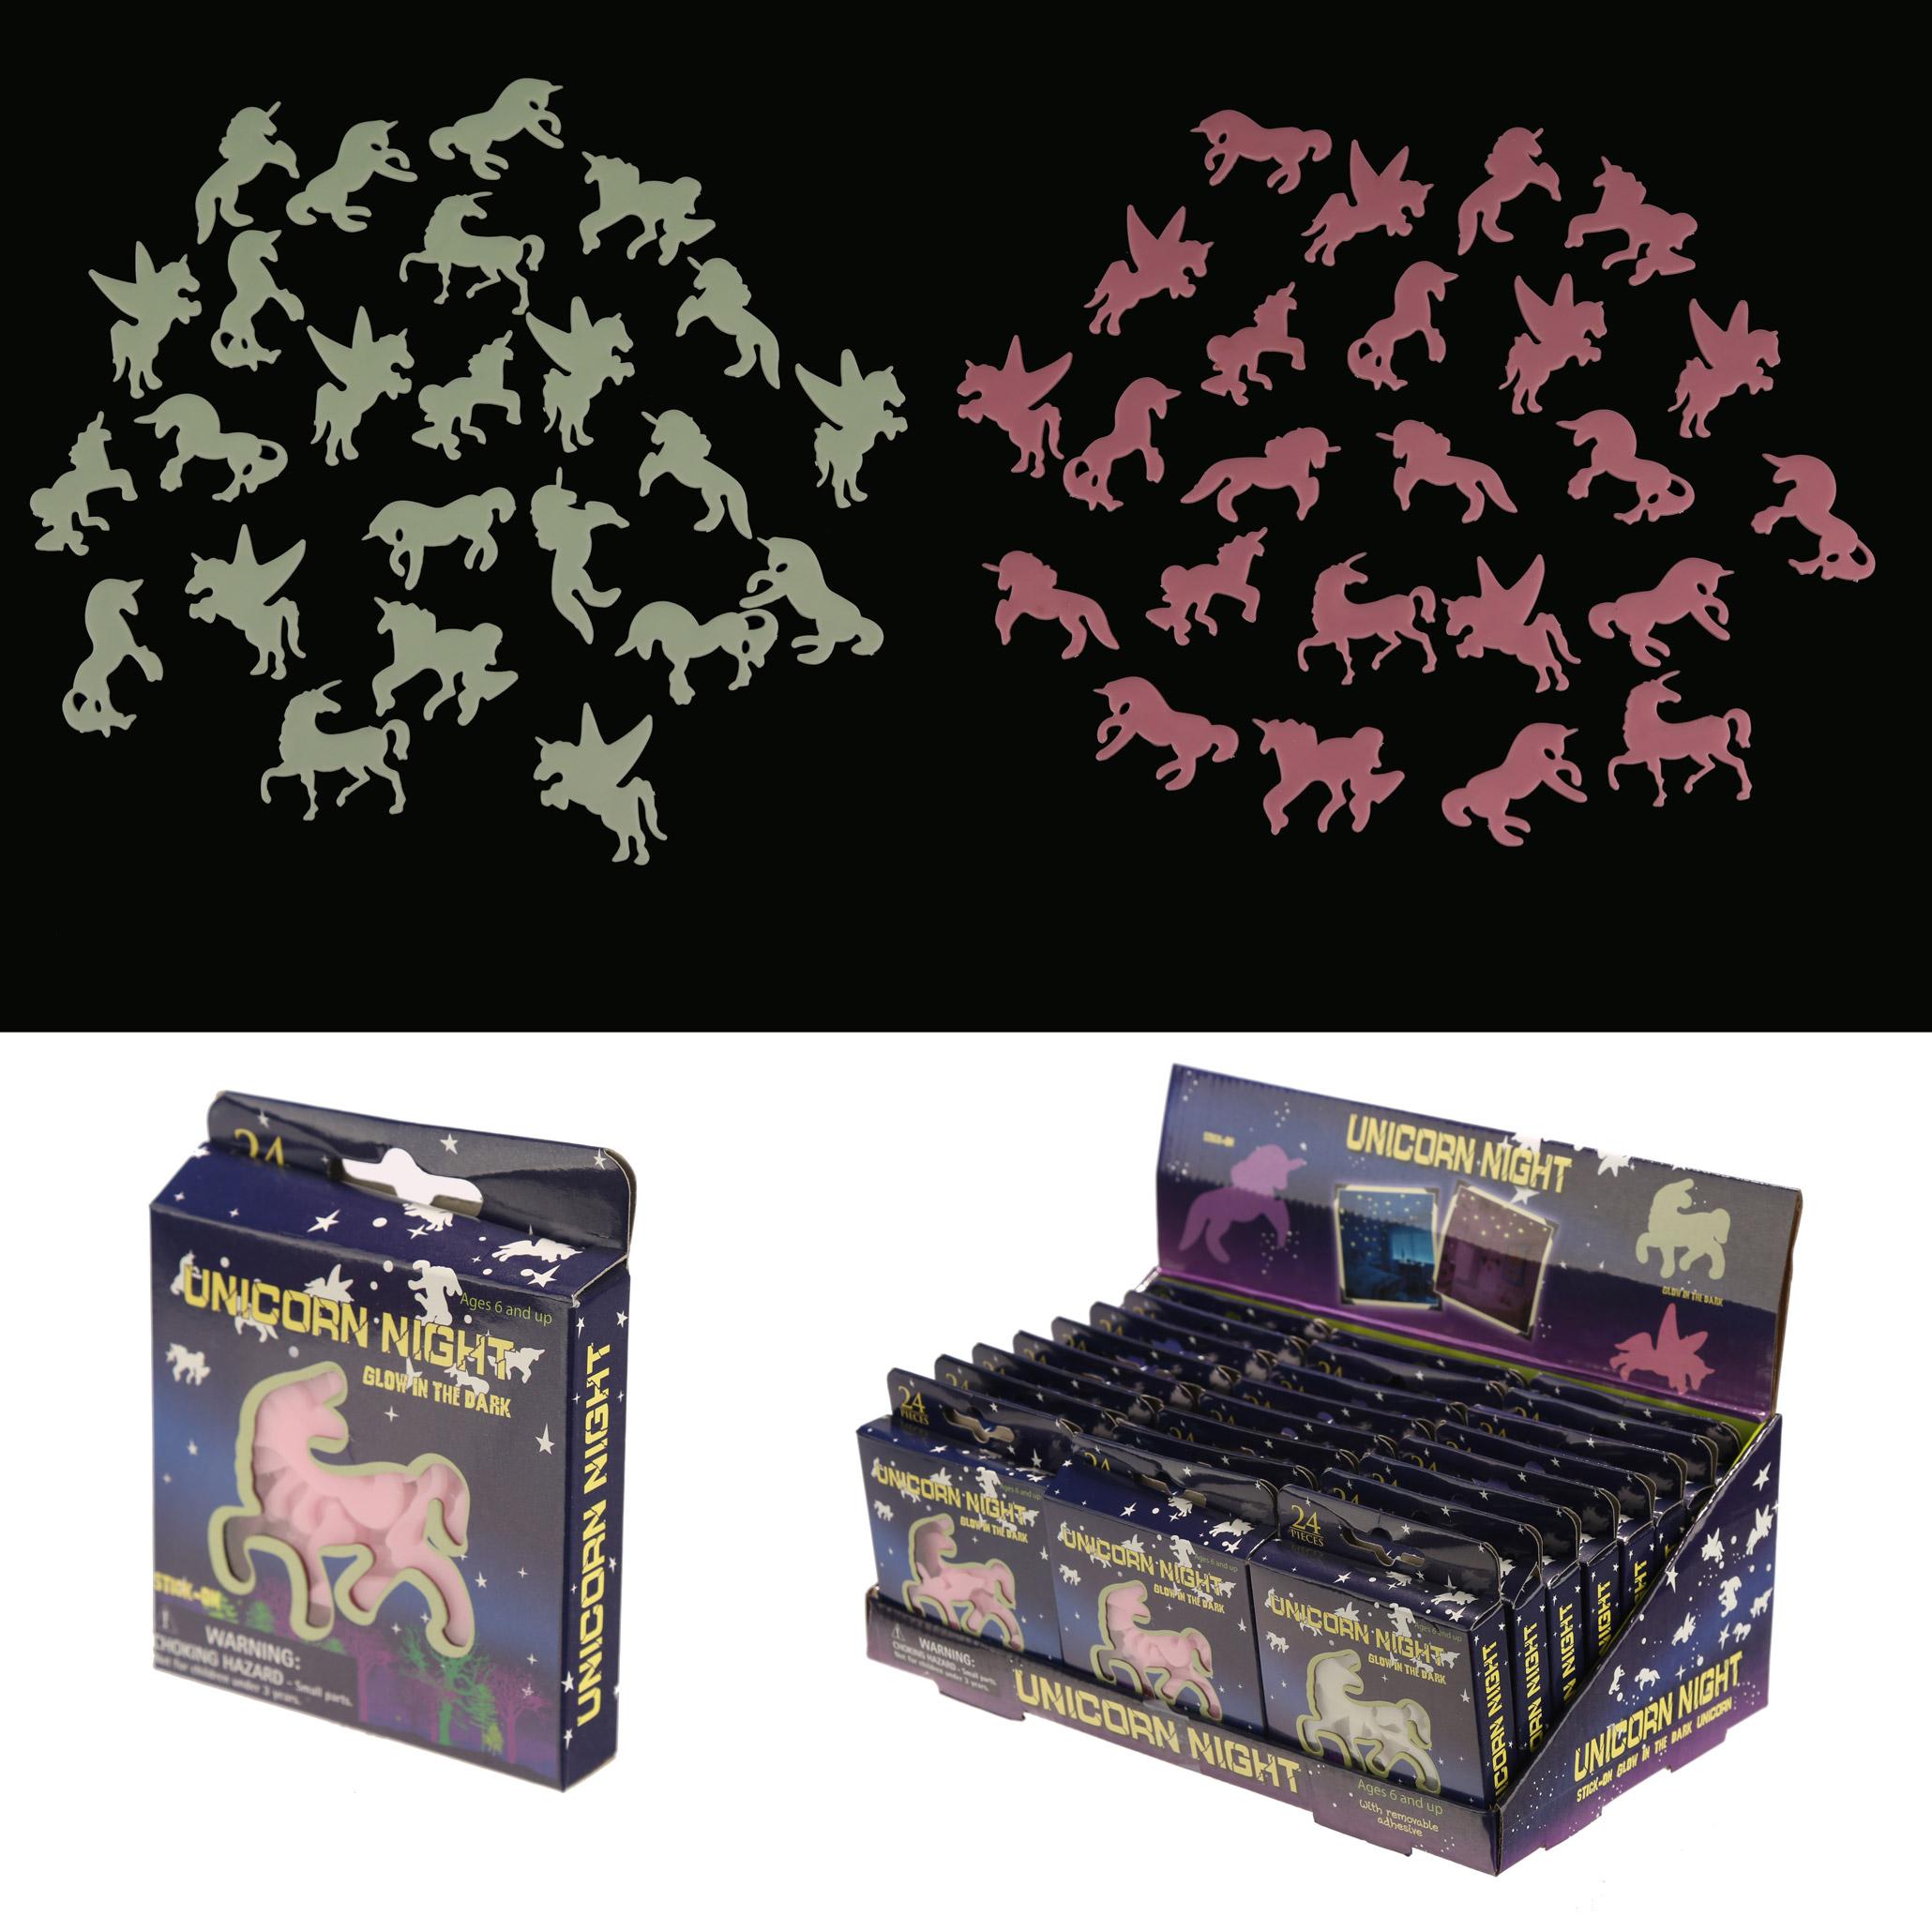 Fun Kids Glow in the Dark Unicorn